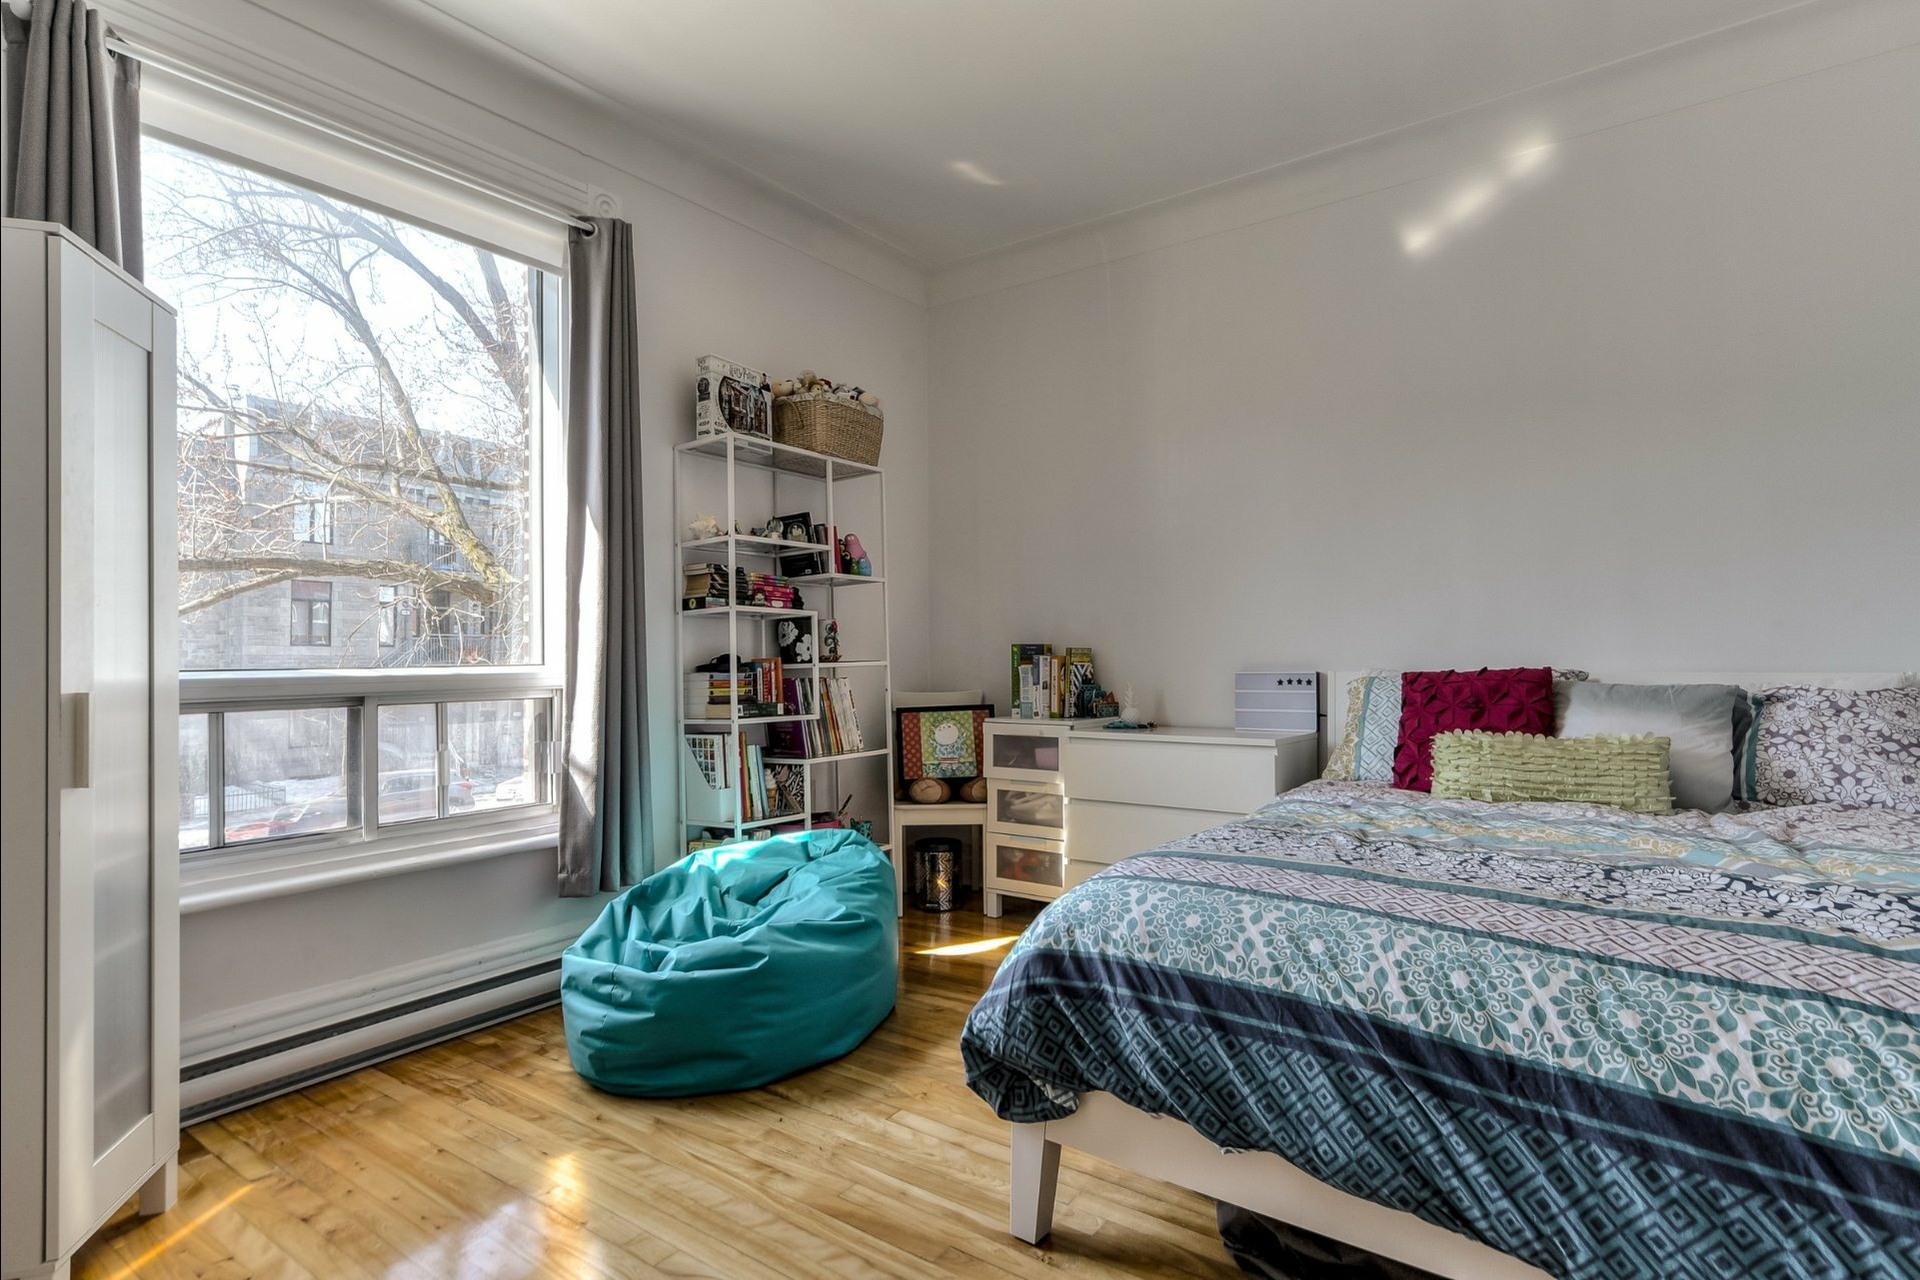 image 9 - Immeuble à revenus À vendre Montréal Le Plateau-Mont-Royal